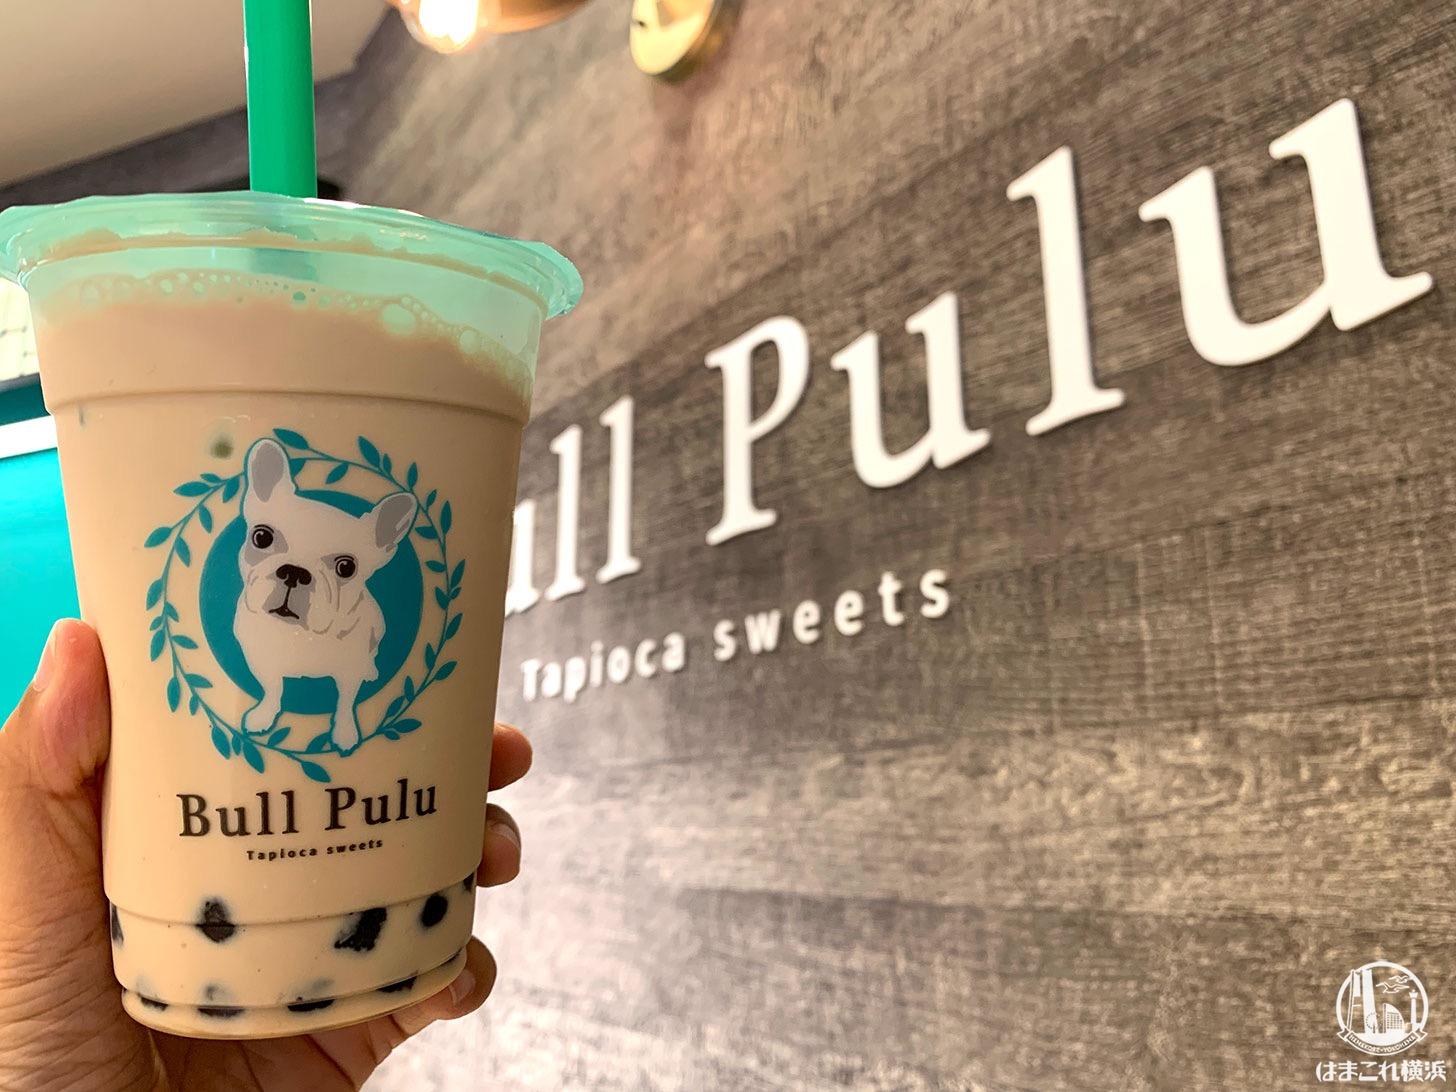 ブルプル 横浜駅ジョイナスのタピオカミルクティーは芳醇で旨い正統派タイプ